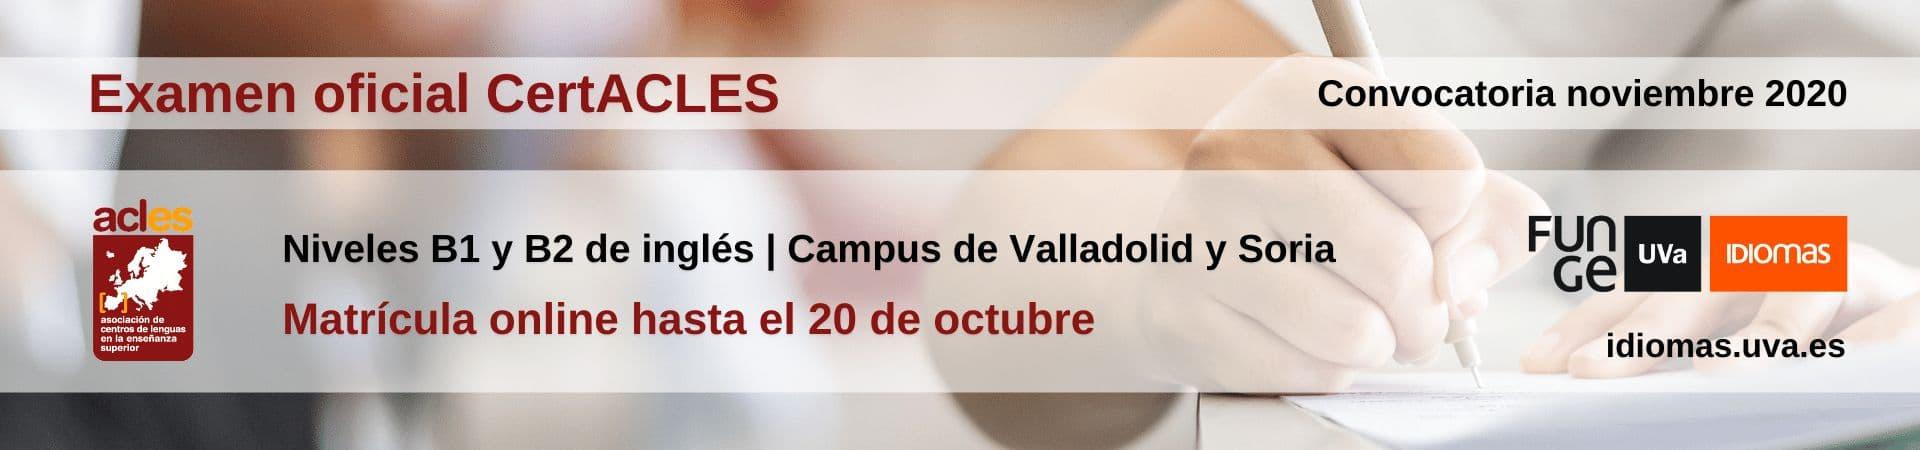 CertACLES convocatoria noviembre 2020 - Centro de Idiomas UVa